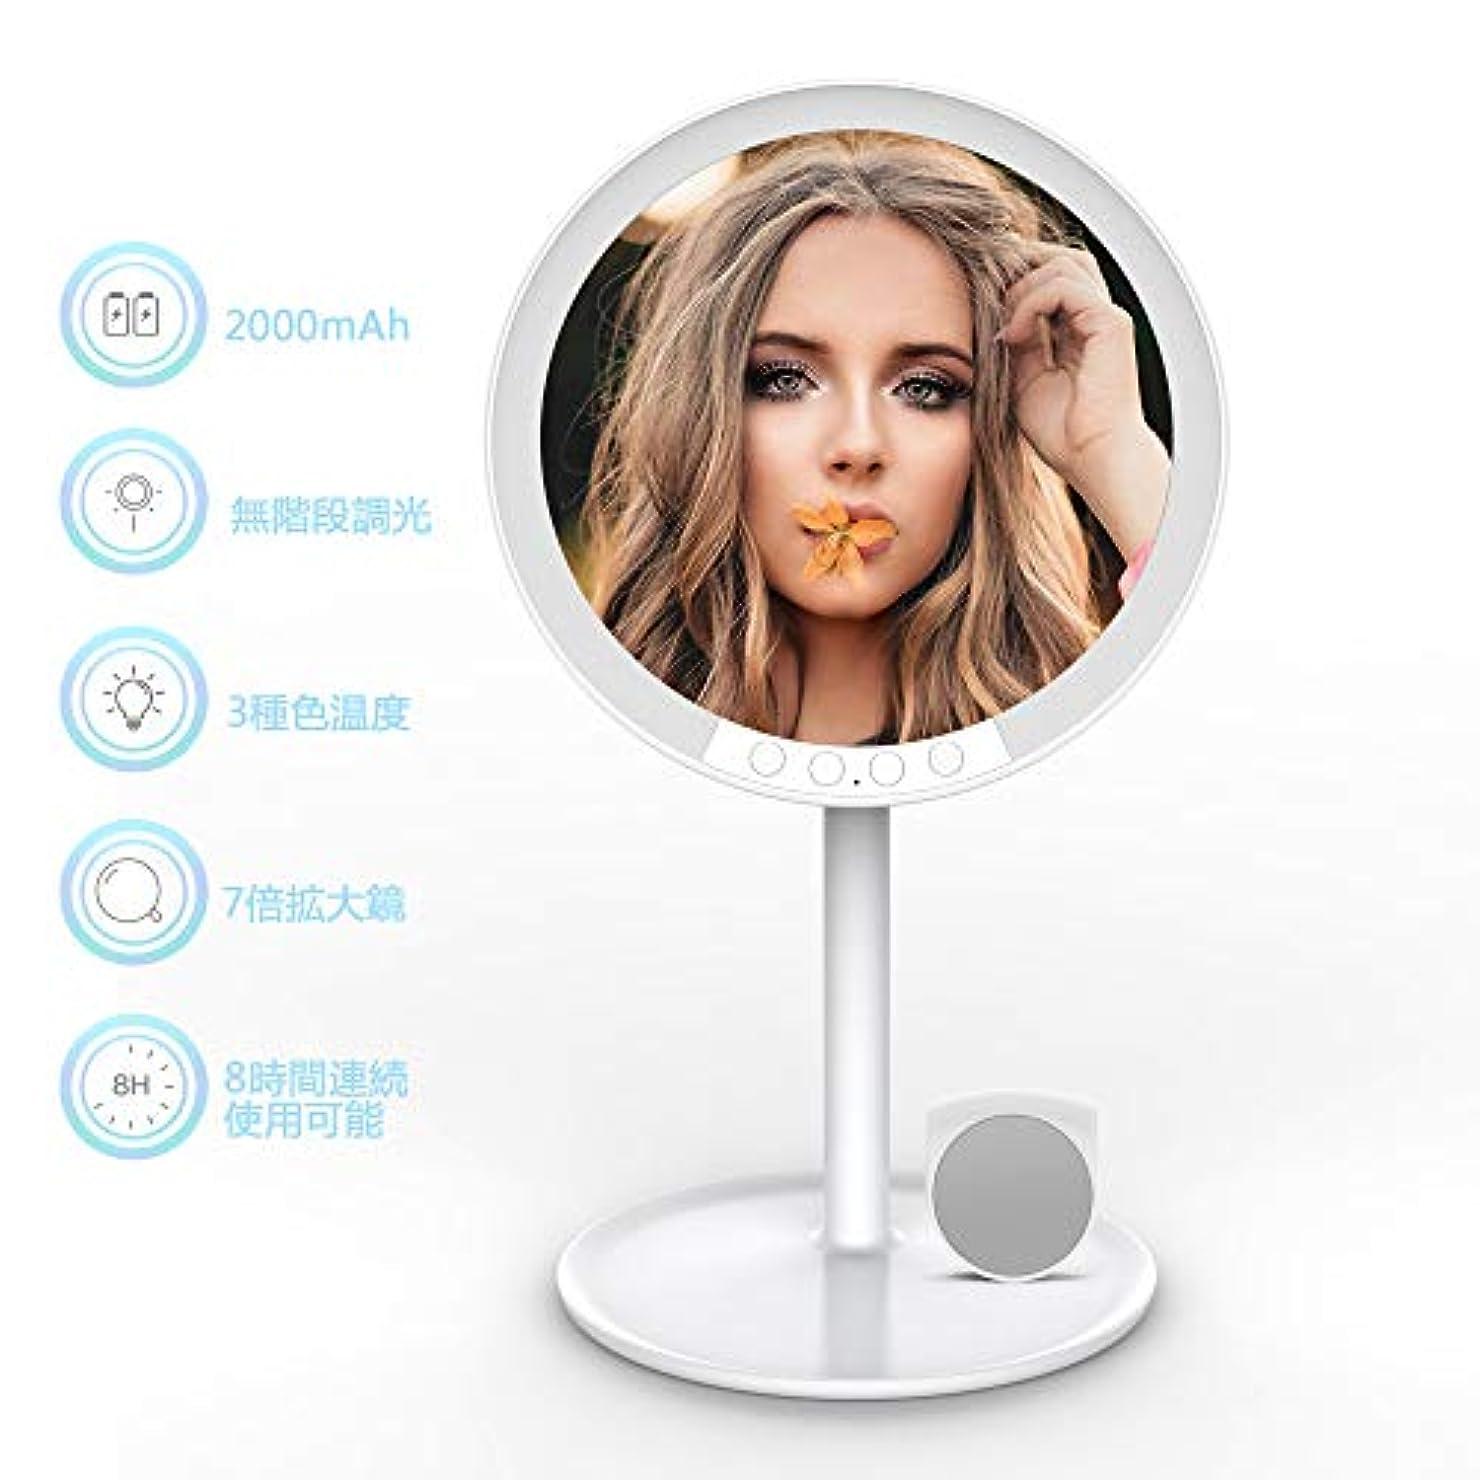 フェッチ角度スパイラルYOUKOYI 化粧鏡 化粧ミラー 女優ミラー 充電式 led 卓上ミラー 収納ベース 7倍拡大鏡付き 120°回転可能 3種色温度 無階段調光(ホワイト)